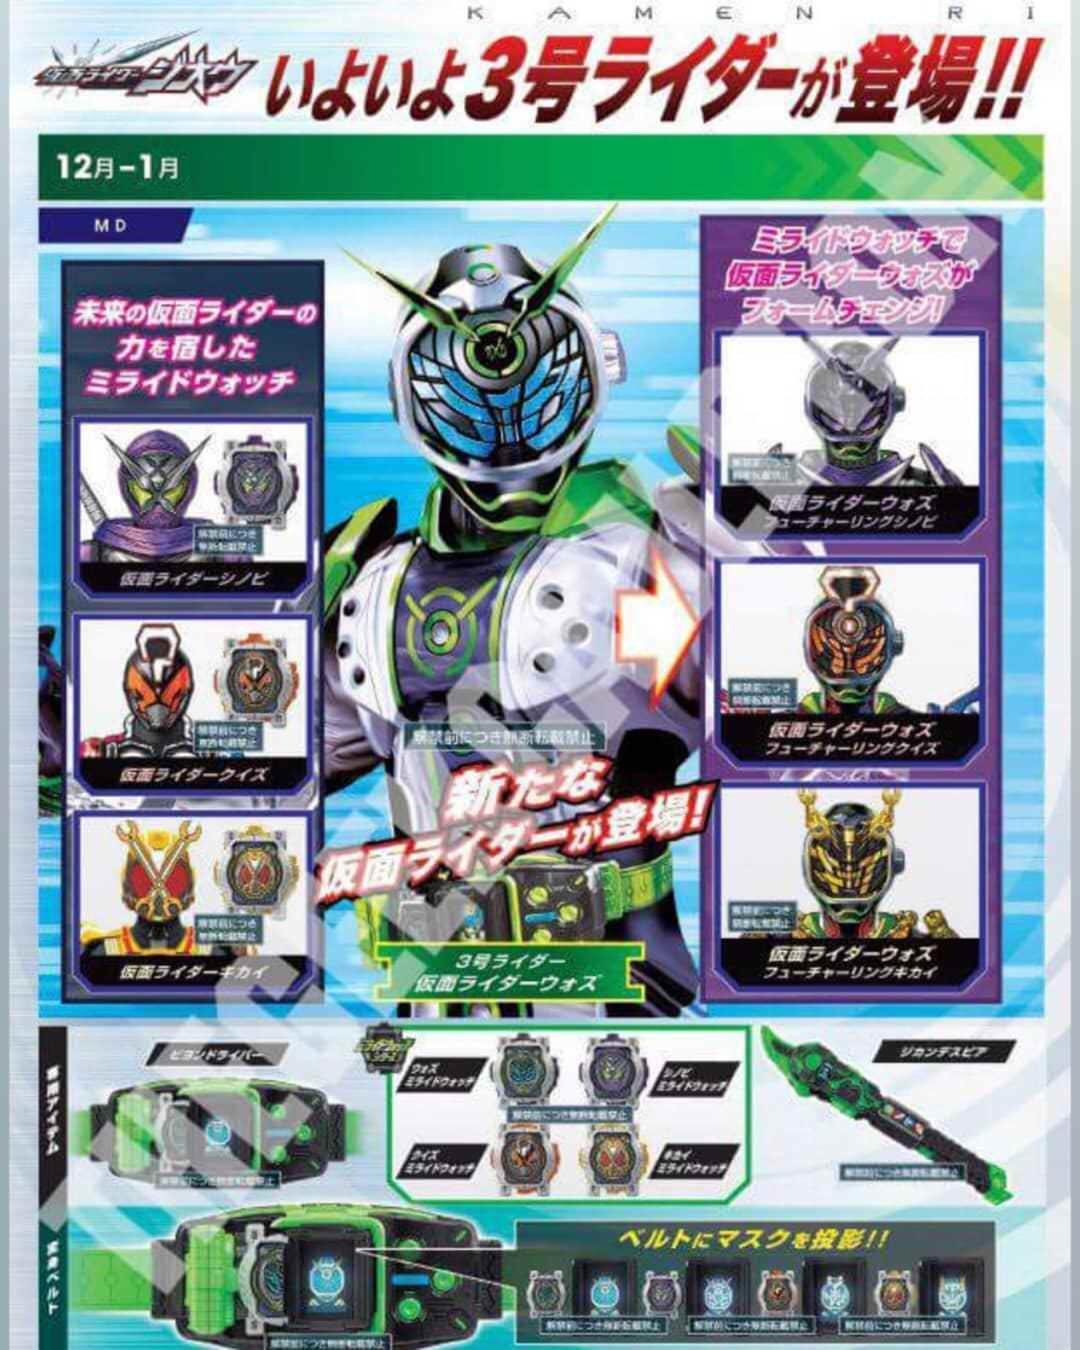 3人目のライダーはその名も『仮面ライダーウォズ』 明らかに変身者はウォズでしょうね。